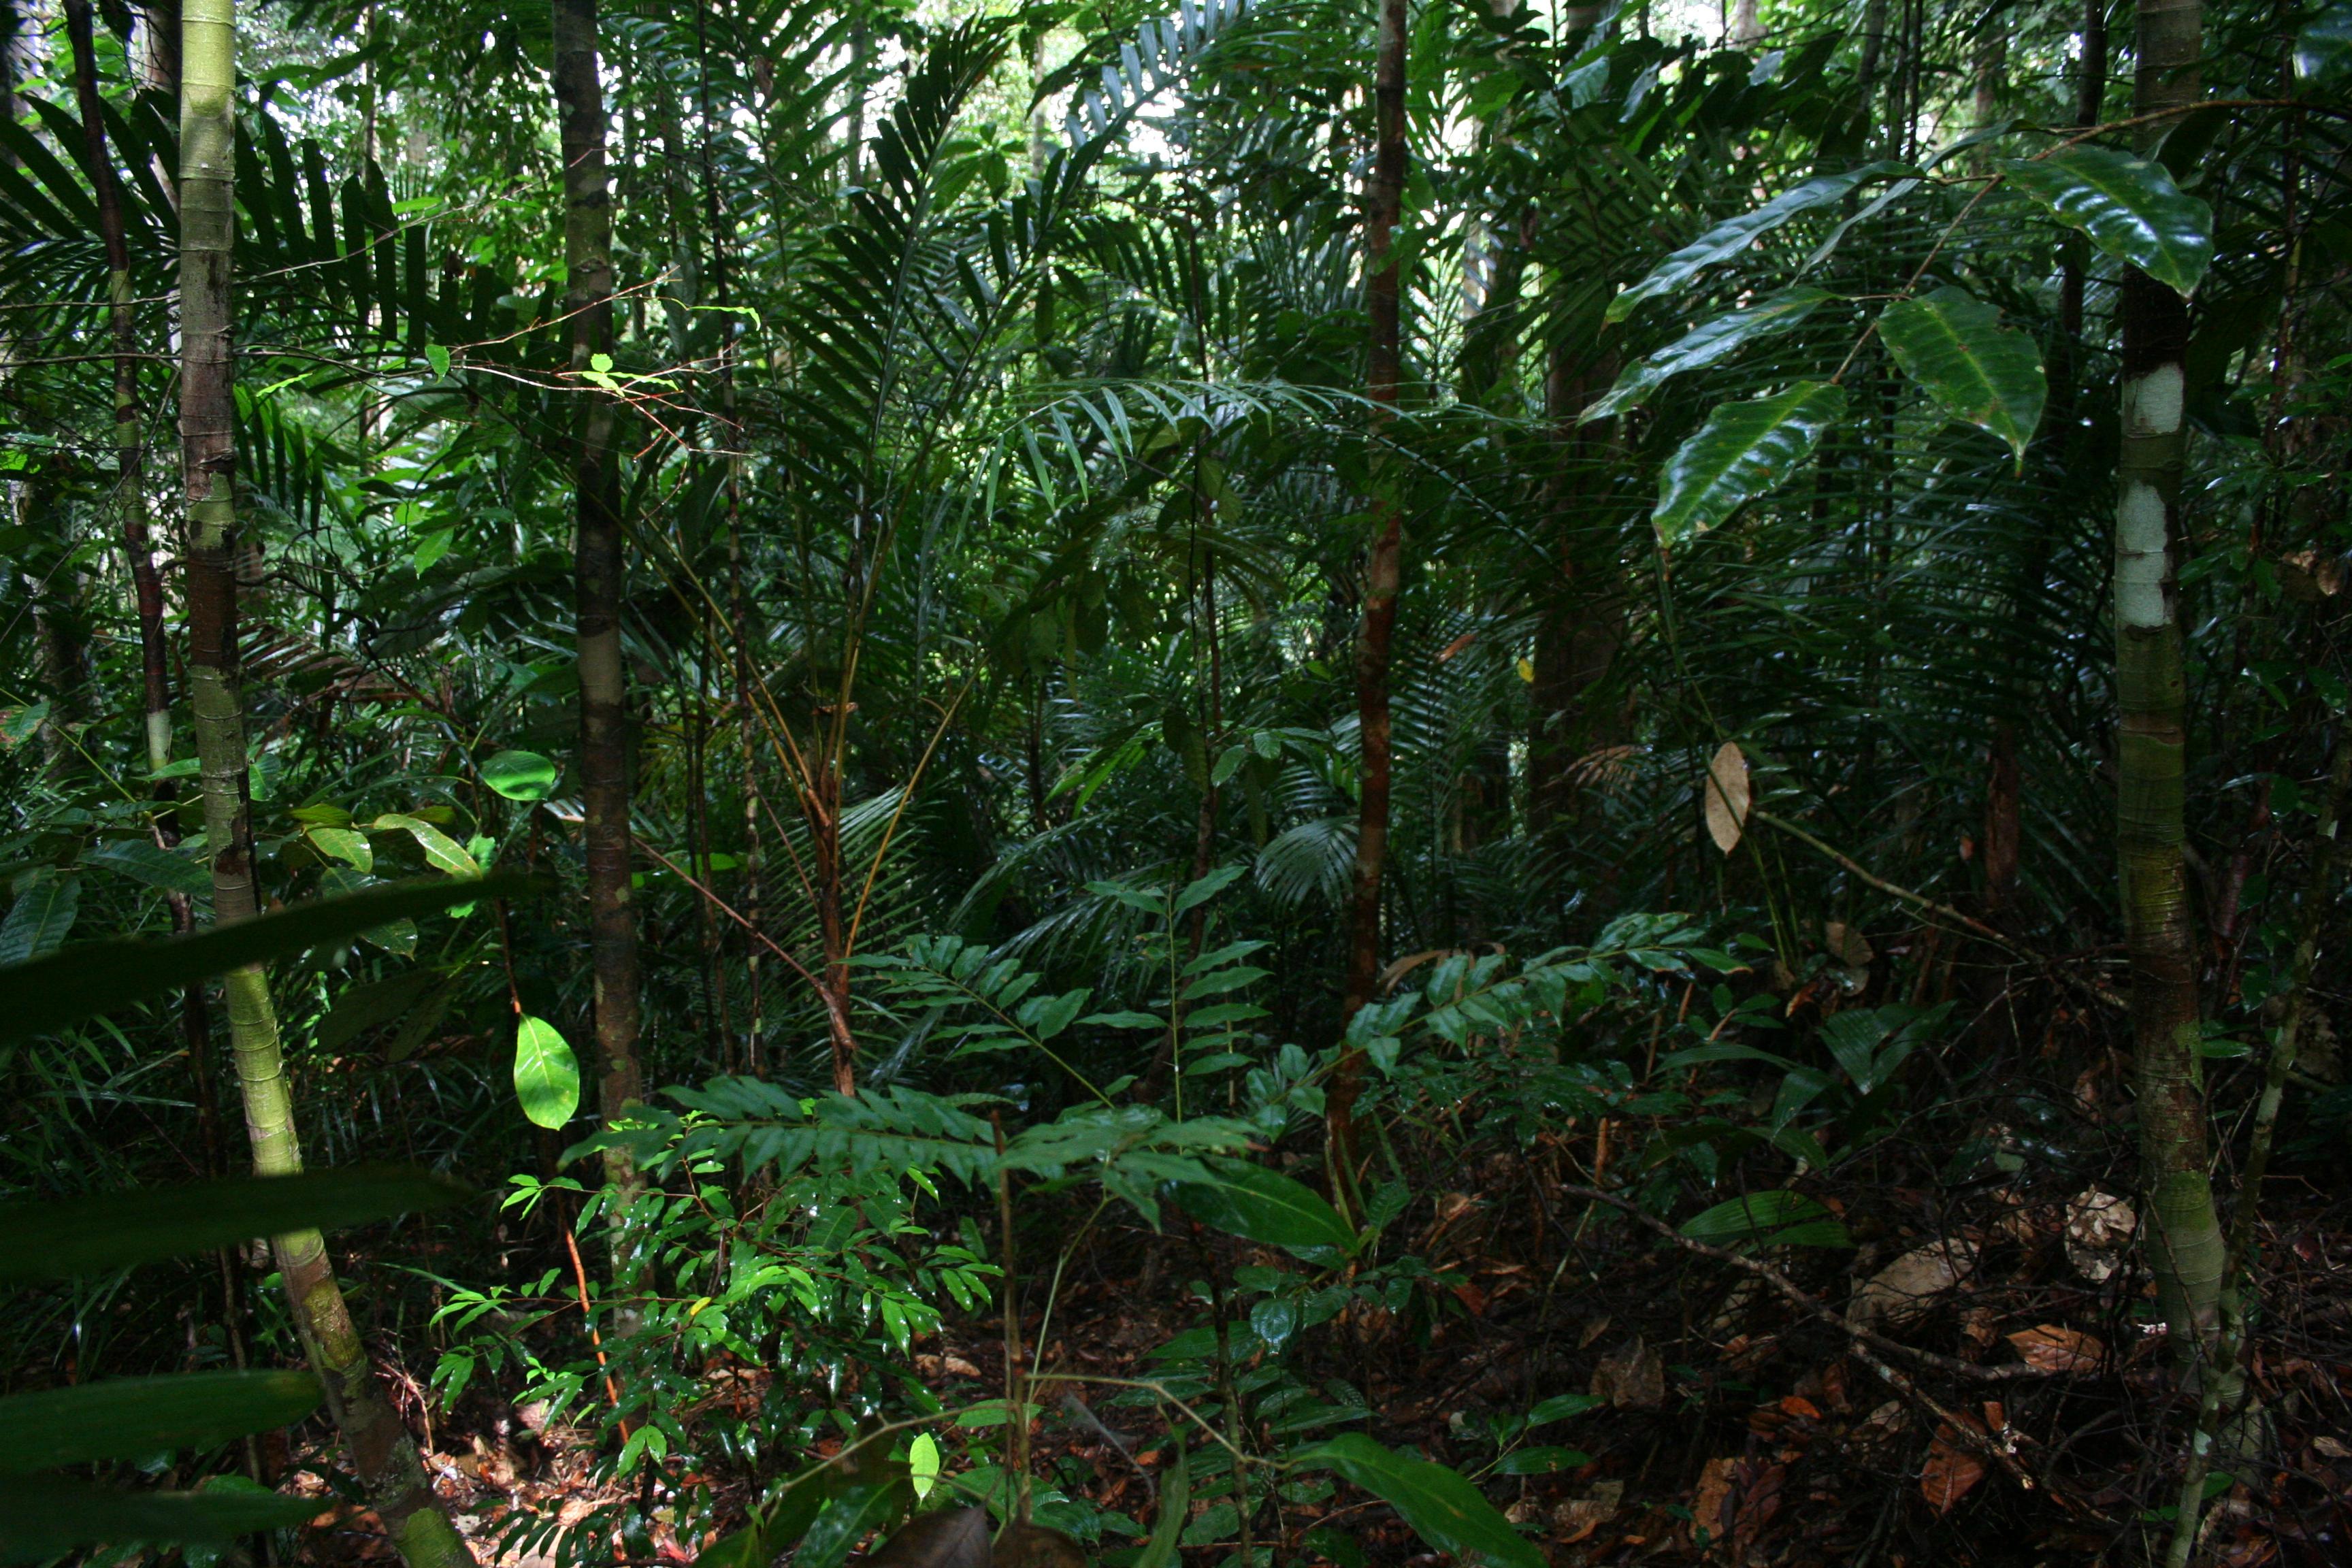 veletlenul-sajat-magat-kereste-a-no-a-dzsungelben-egy-csapat-turistaval